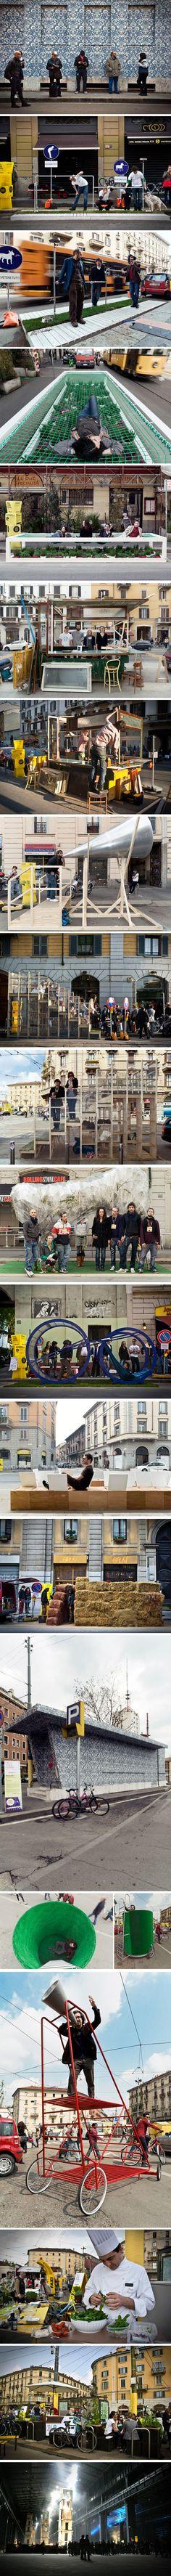 New Stadtm bel von Oliver Show Urban Space Pinterest Urban furniture and Street art